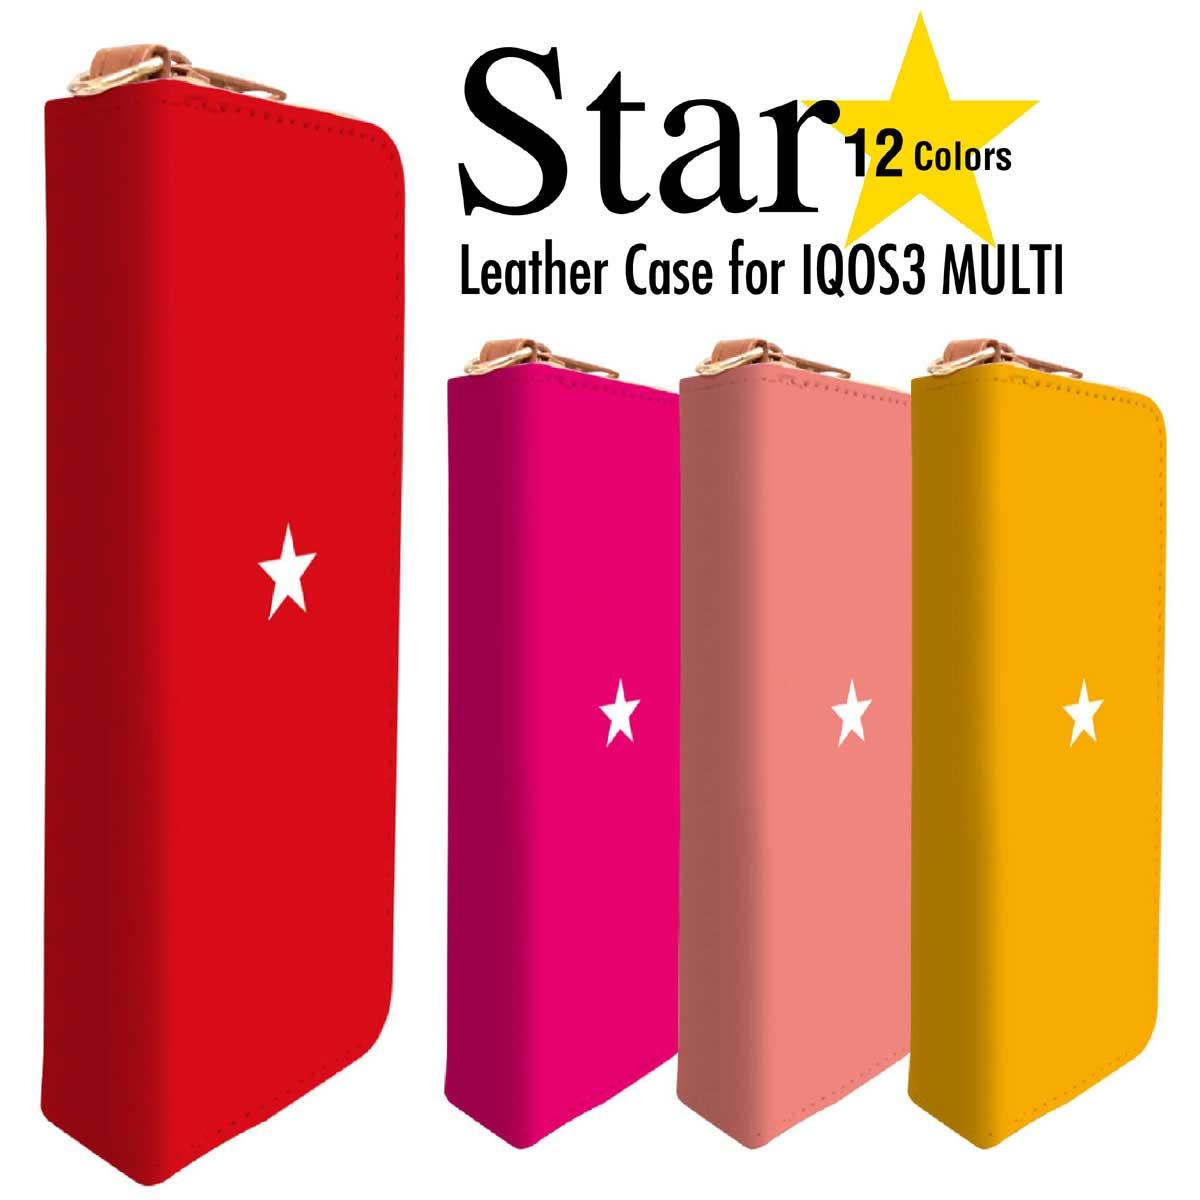 アイコス3 マルチ ケース iqos3 MULTI ケース カバー iQOS3マルチ アイコス3 iQOS3 アイコス3マルチ iqos3マルチ マルチ おしゃれ かわいい 電子タバコ Star iq09-016